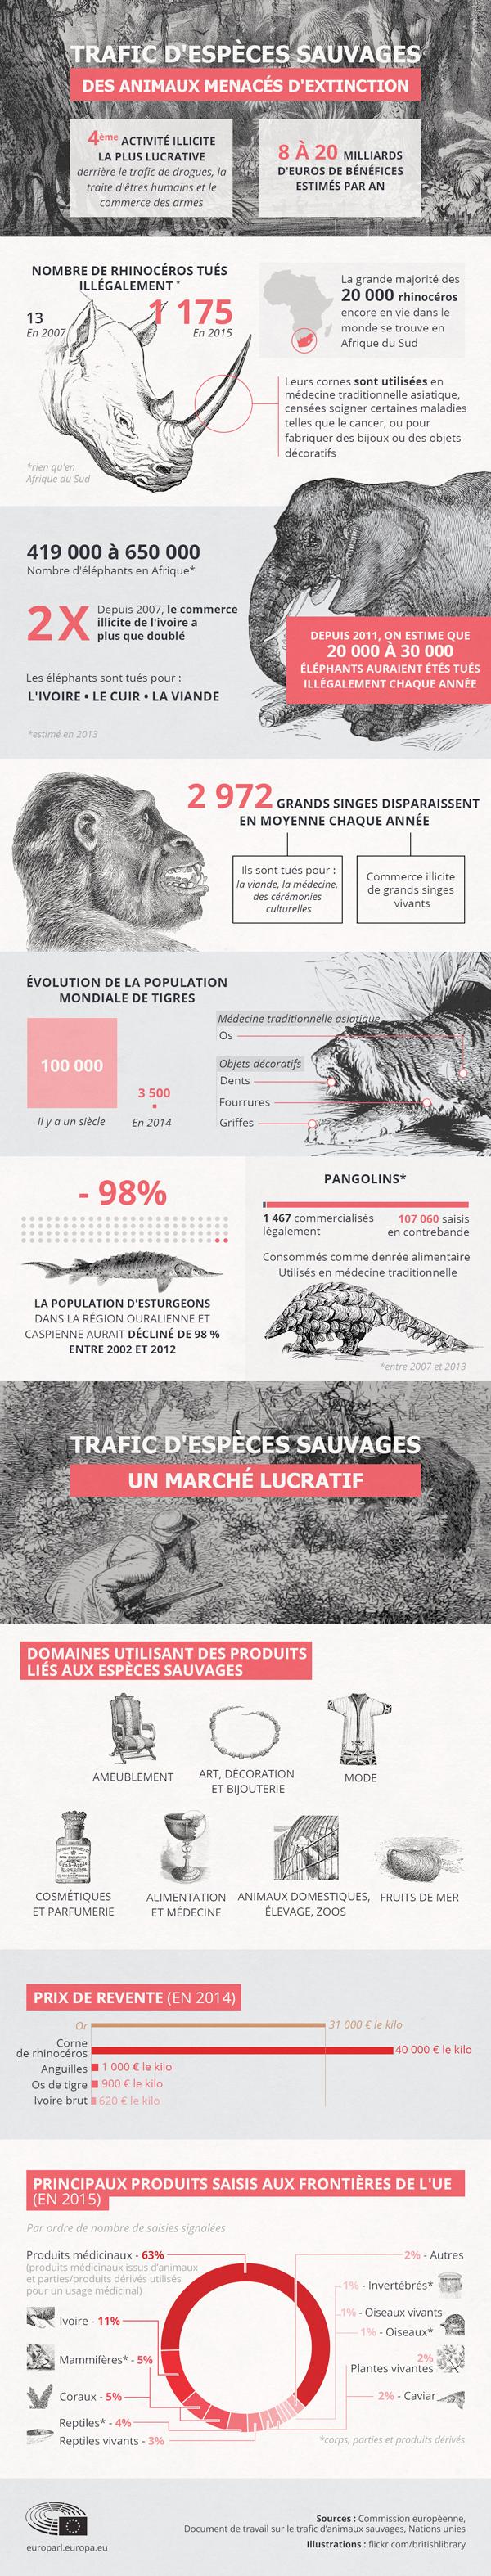 Le trafic d'espèces sauvages